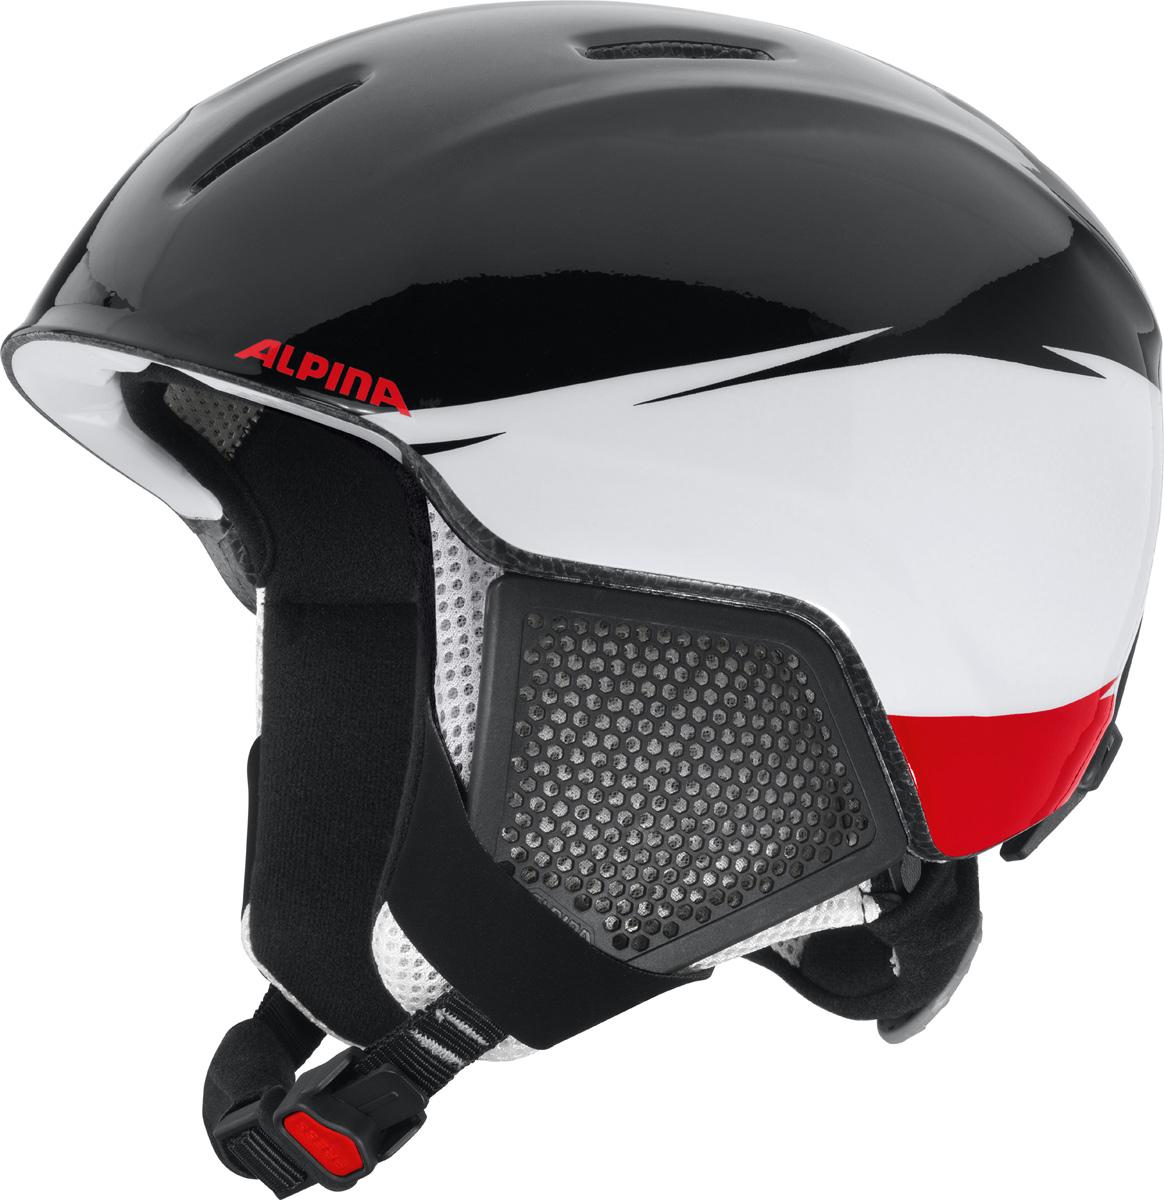 """Шлем горнолыжный детский Alpina """"Carat LX"""", цвет: черный, белый, красный. A9081_50. Размер 48-52"""